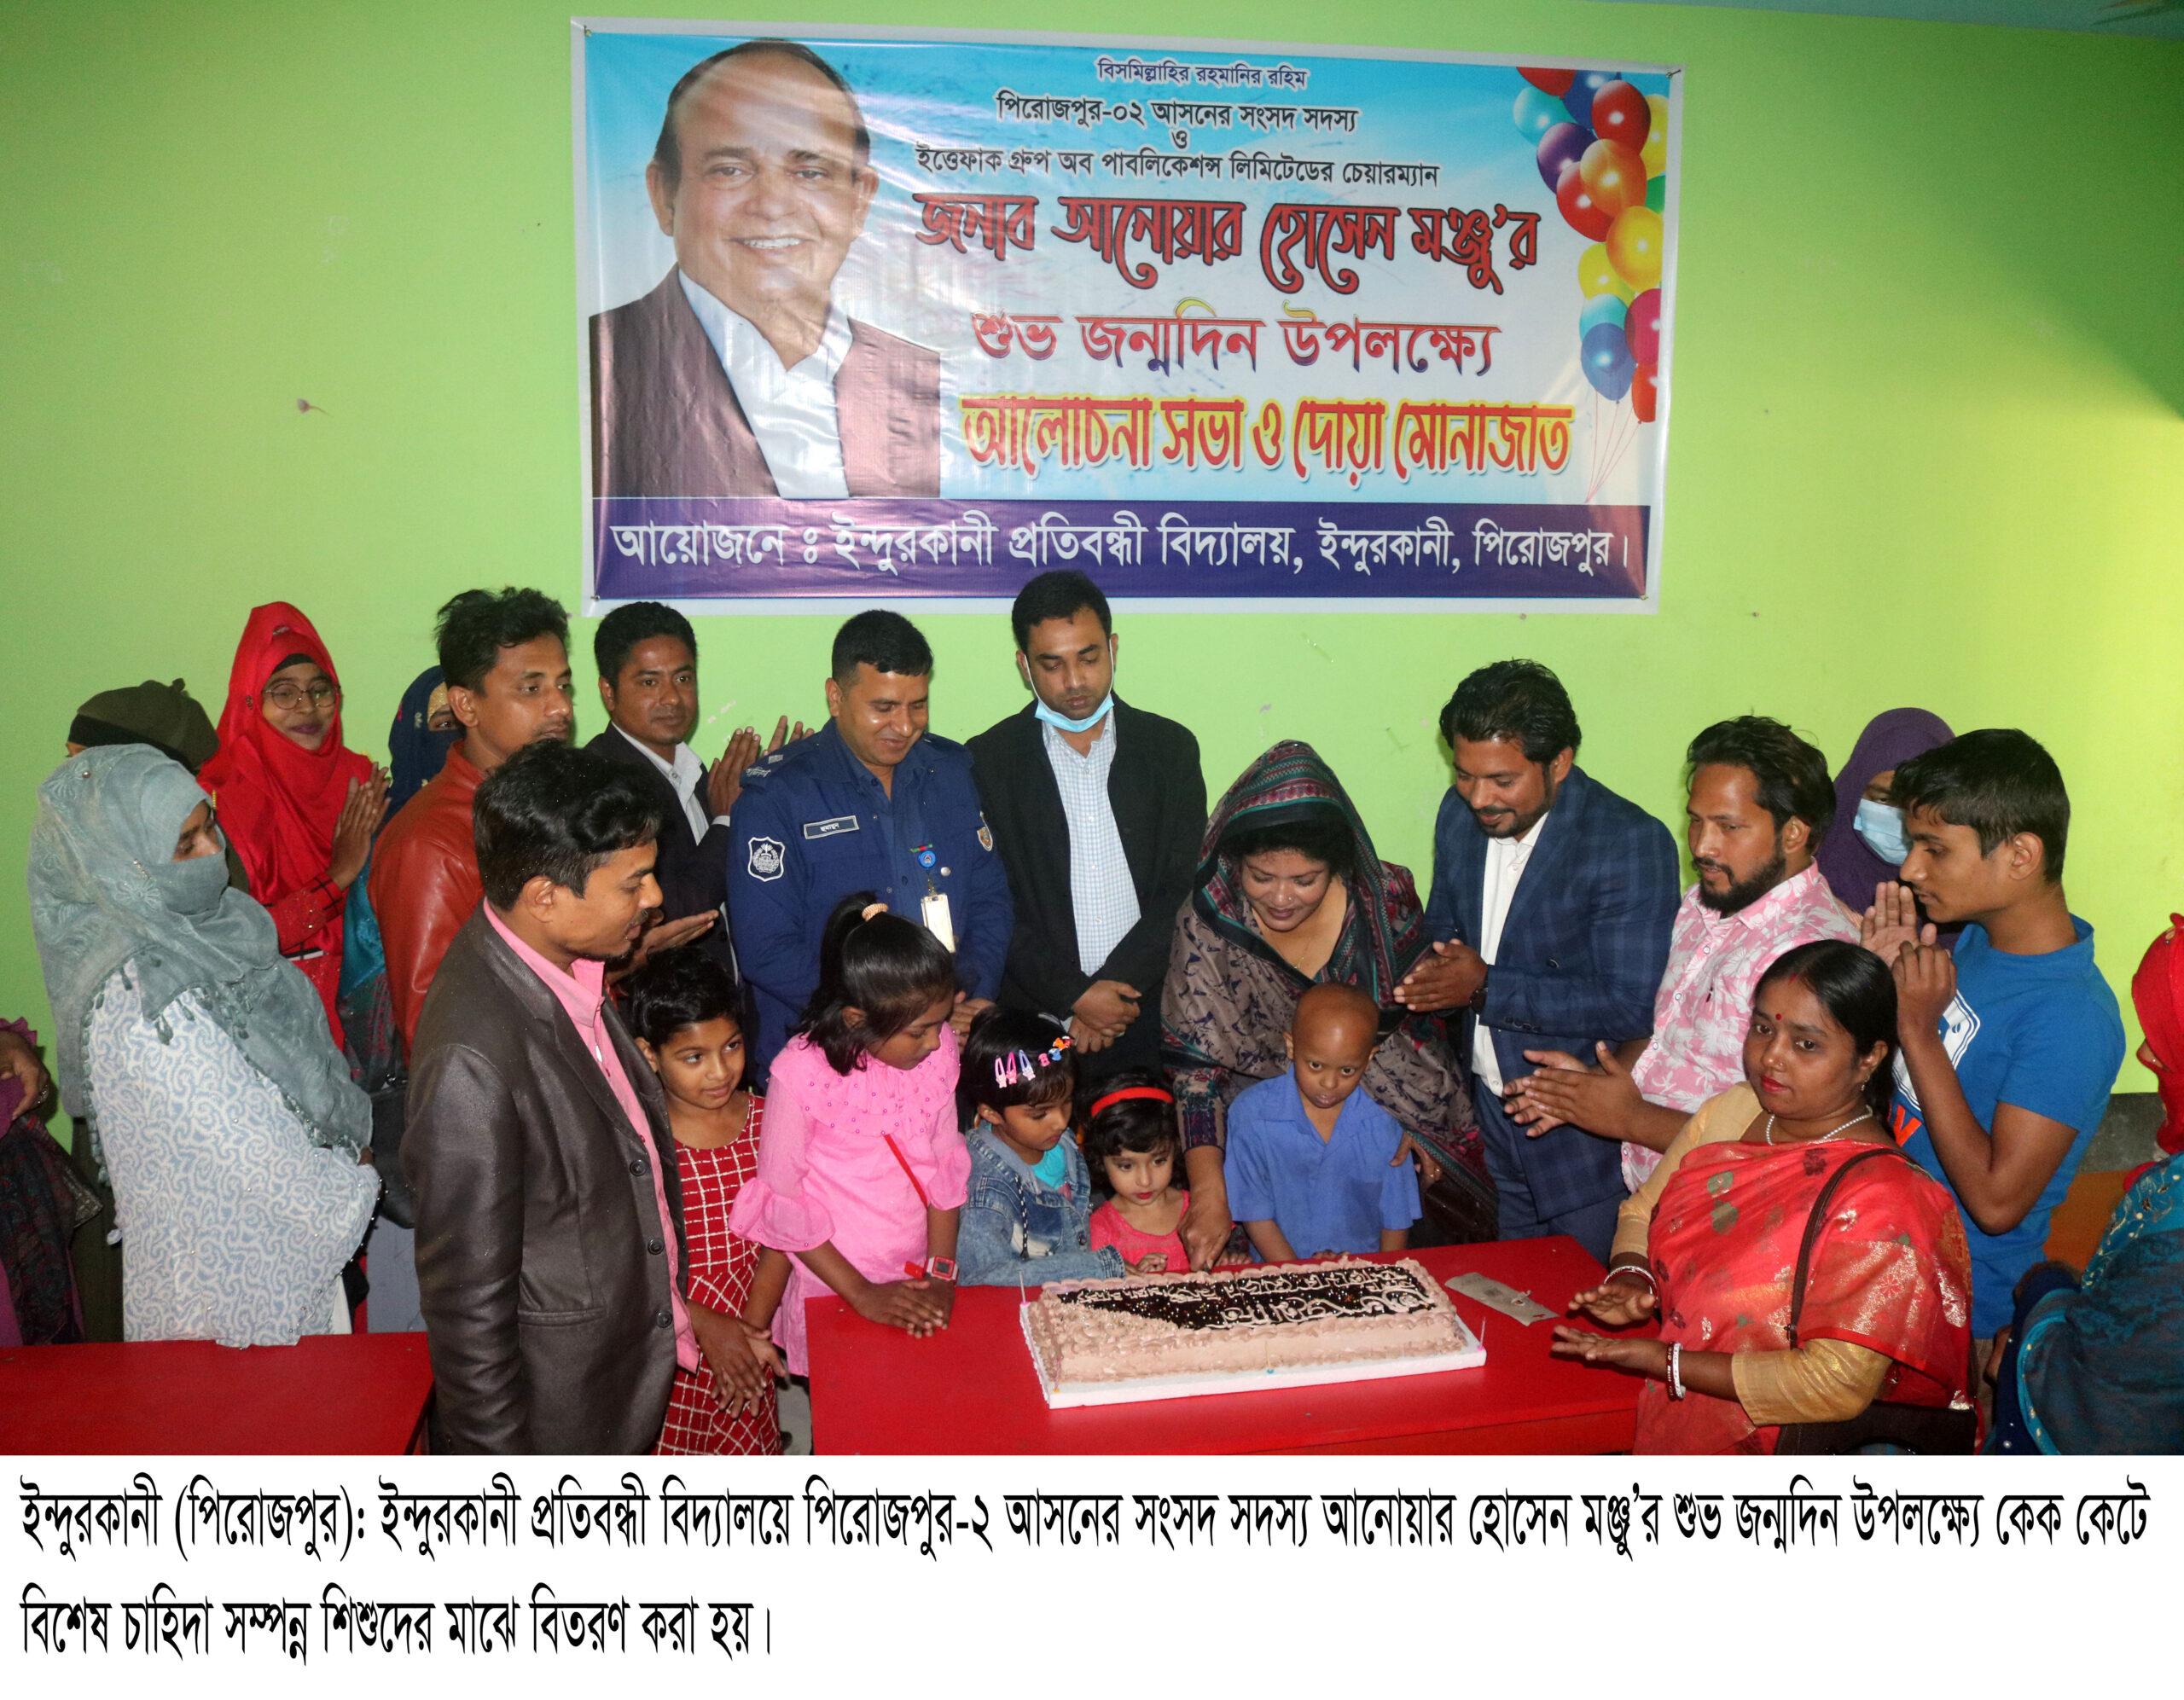 ইন্দুরকানী প্রতিবন্ধী বিদ্যালয়ের শিশুদের নিয়ে আনোয়ার হোসেন মঞ্জু'র জন্মদিন পালিত